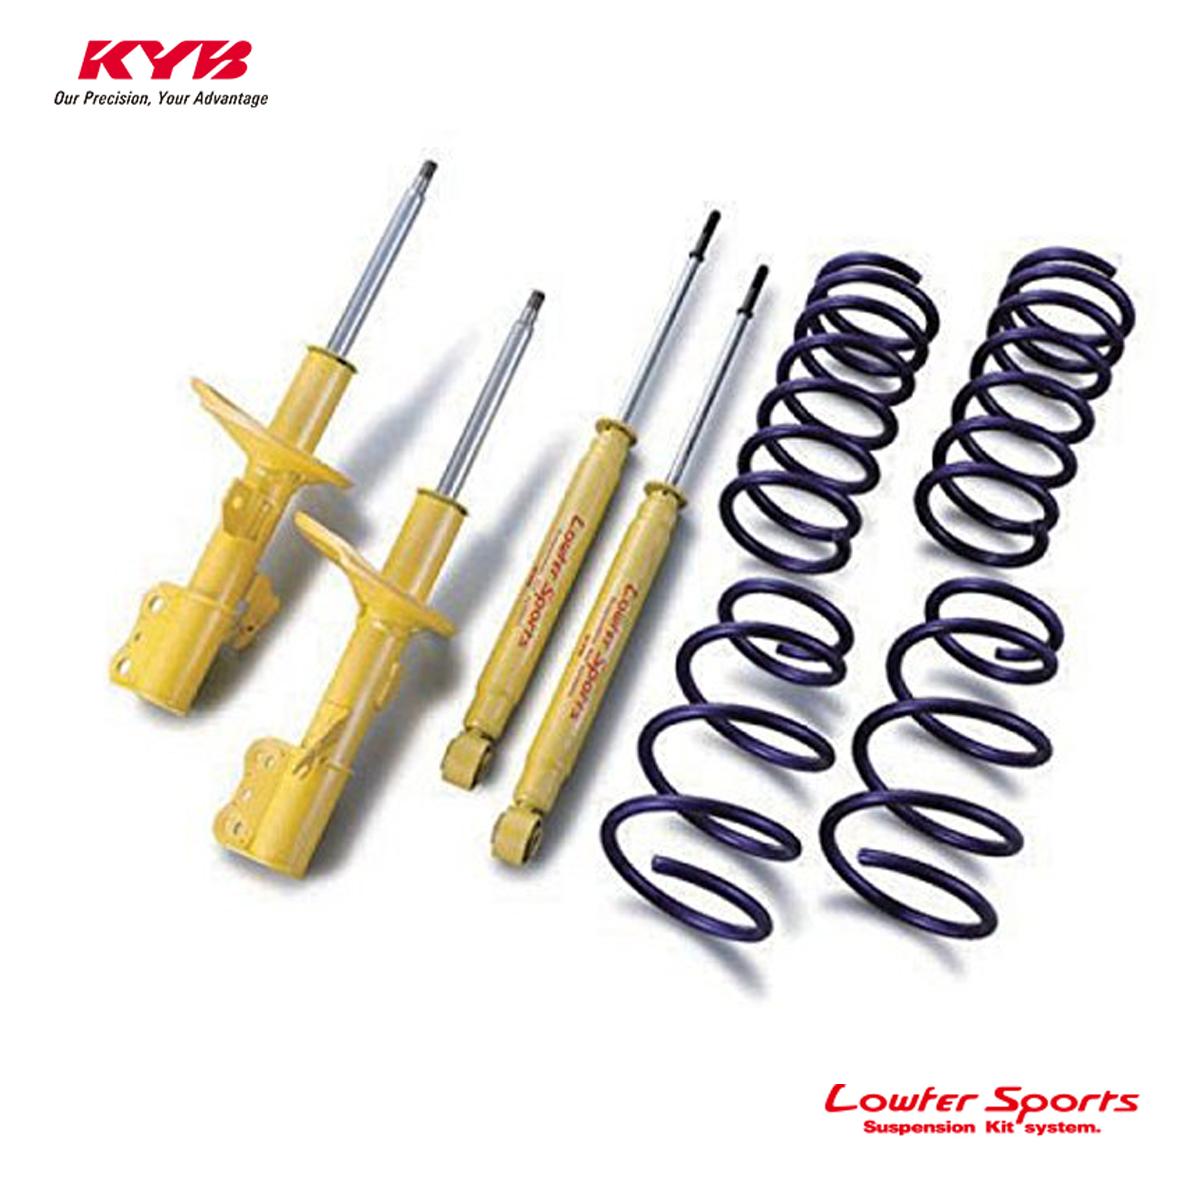 KYB カヤバ ファミリアSワゴン BJFW ショックアブソーバー サスペンションキット 1台分 ローファースポーツ キット Lowfer Sports LKIT-BJFW